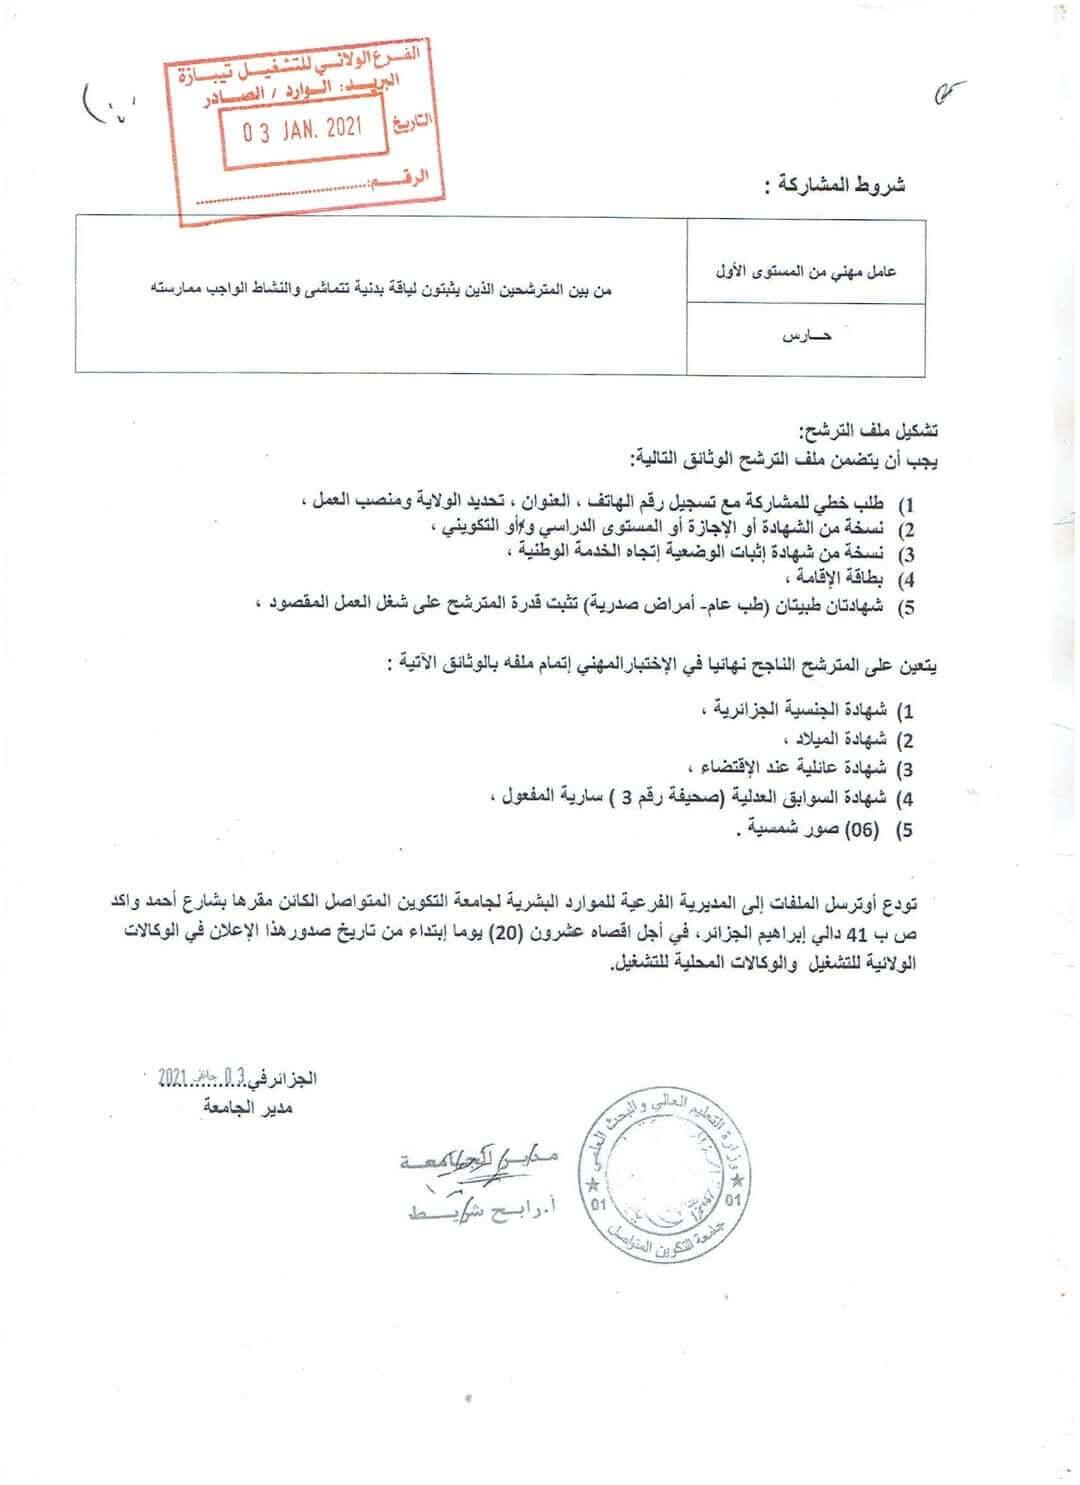 اعلان توظيف بجامعة التكوين المتواصل 03 جانفي 2021